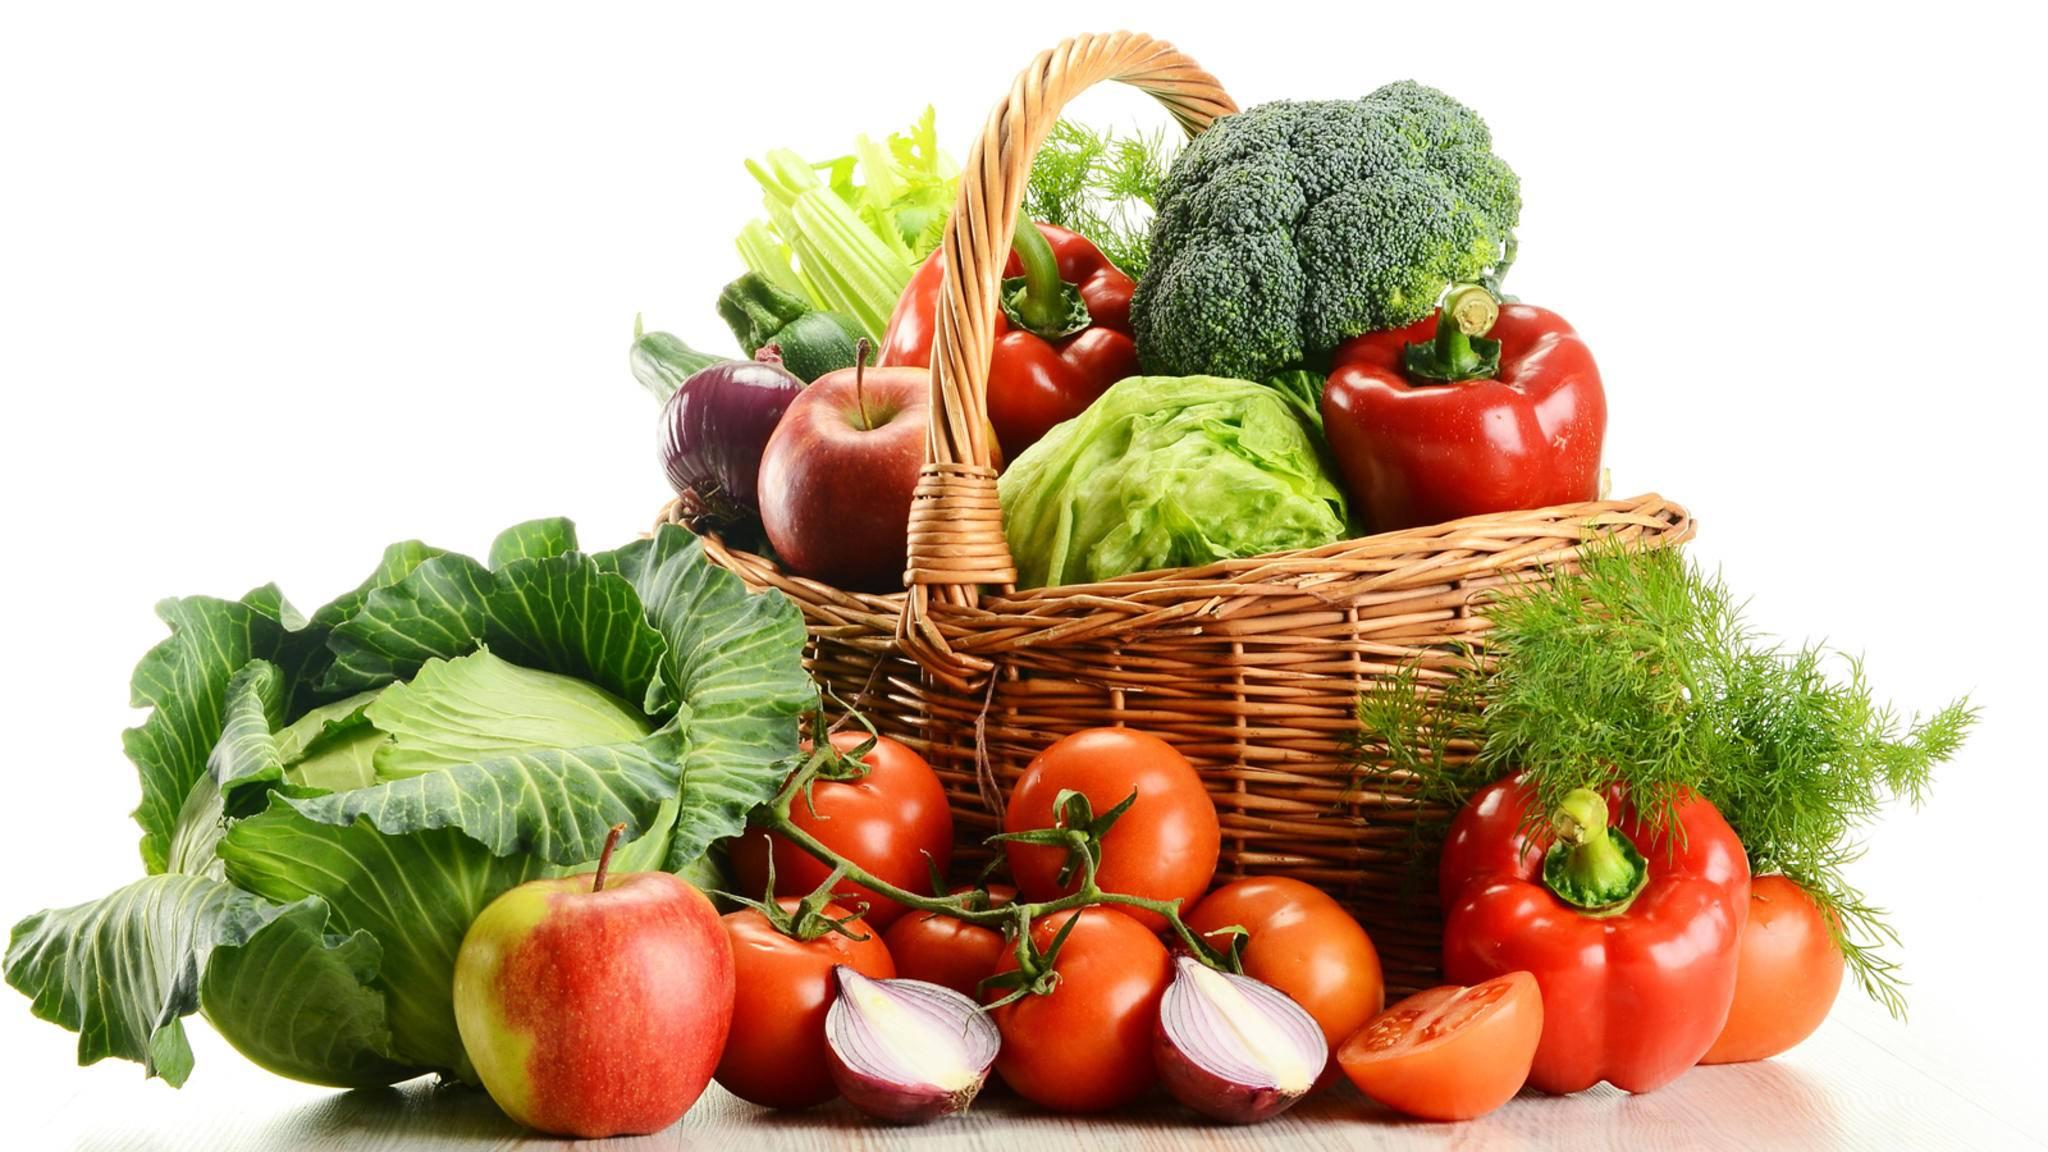 Ab März kommt mit verschiedenen heimischen Obst- und Gemüsesorten endlich wieder Farbe auf den Tisch.